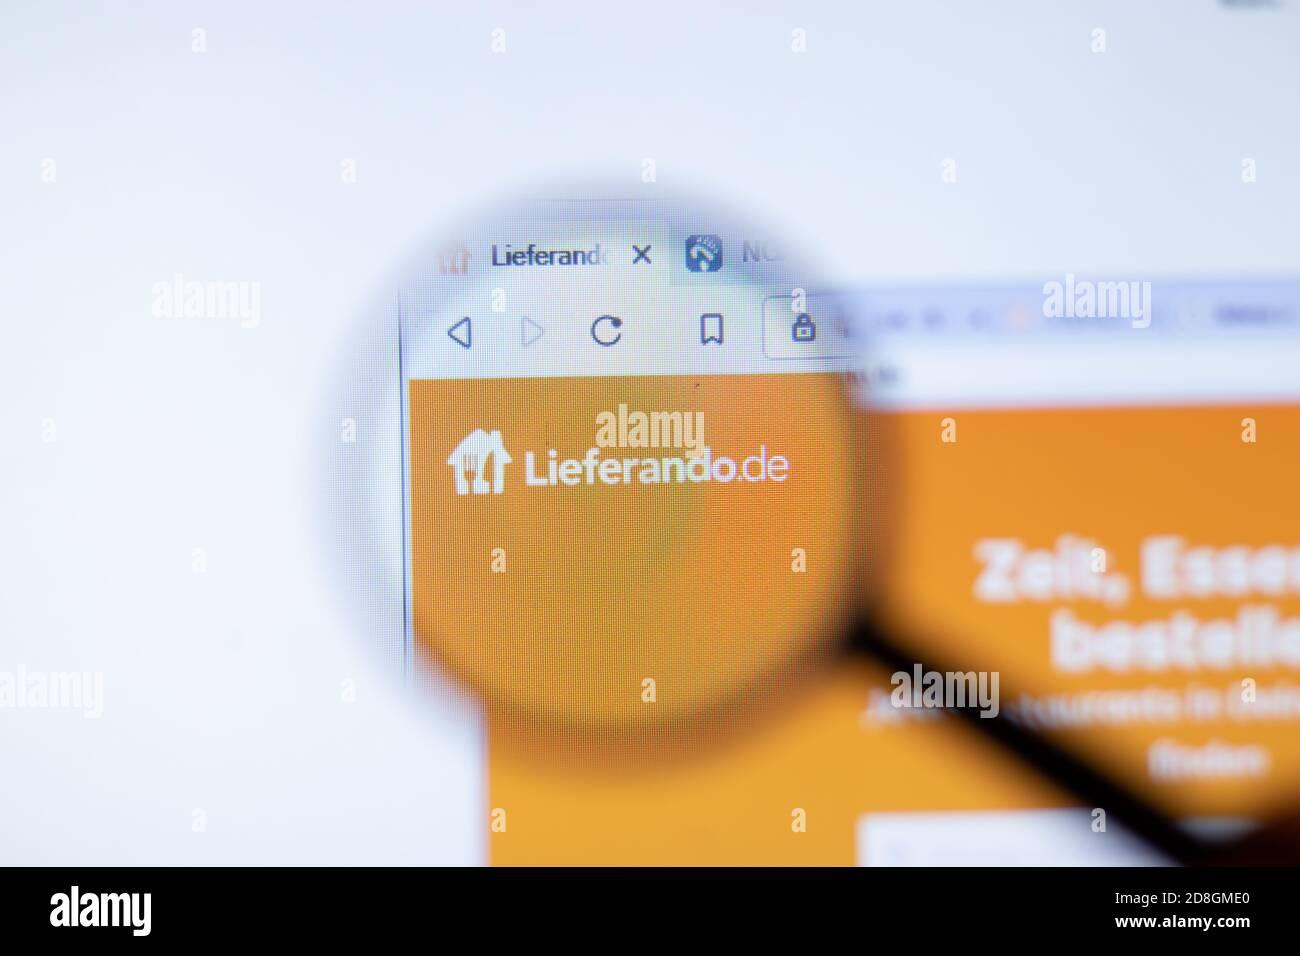 New York, USA - 29 September 2020: Lieferando lieferando.de company website with logo close up, Illustrative Editorial Stock Photo